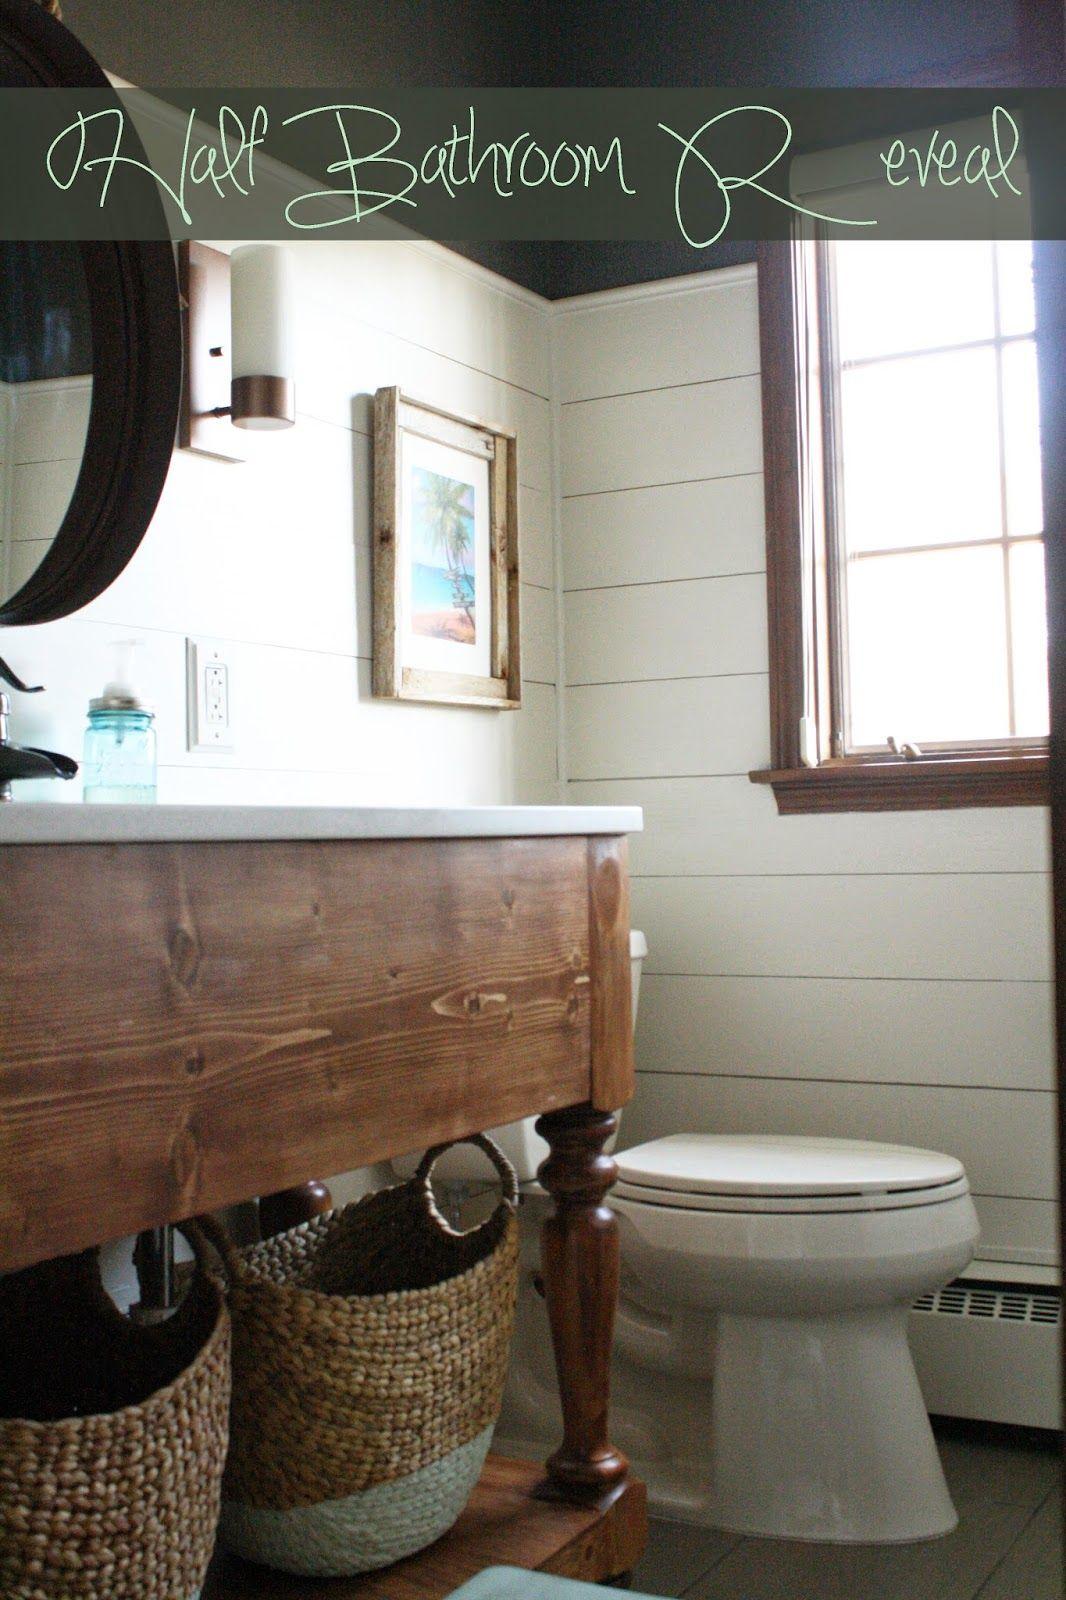 diy distressed bathroom vanity%0A I u    m Always Nesting  HalfBathroom Reveal DIY Vanity  Benjamin Moore Kendall